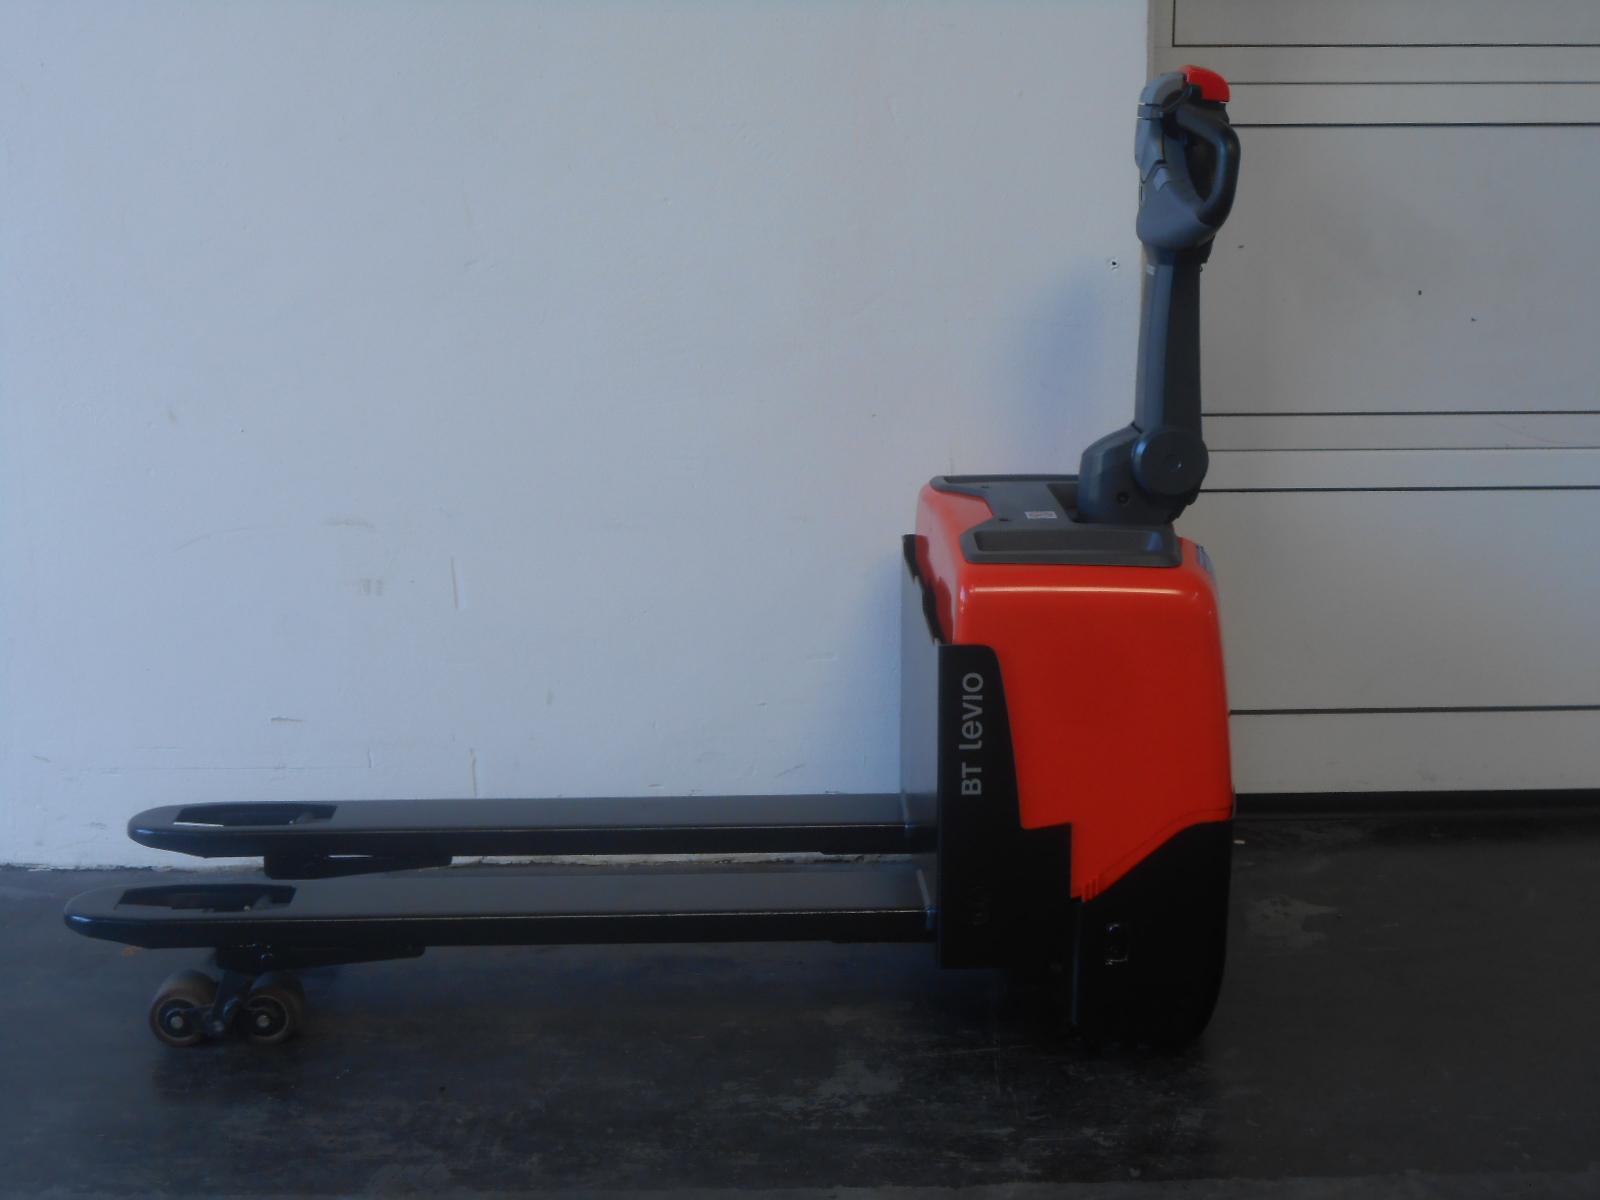 Toyota-Gabelstapler-59840 1804039867 1 91